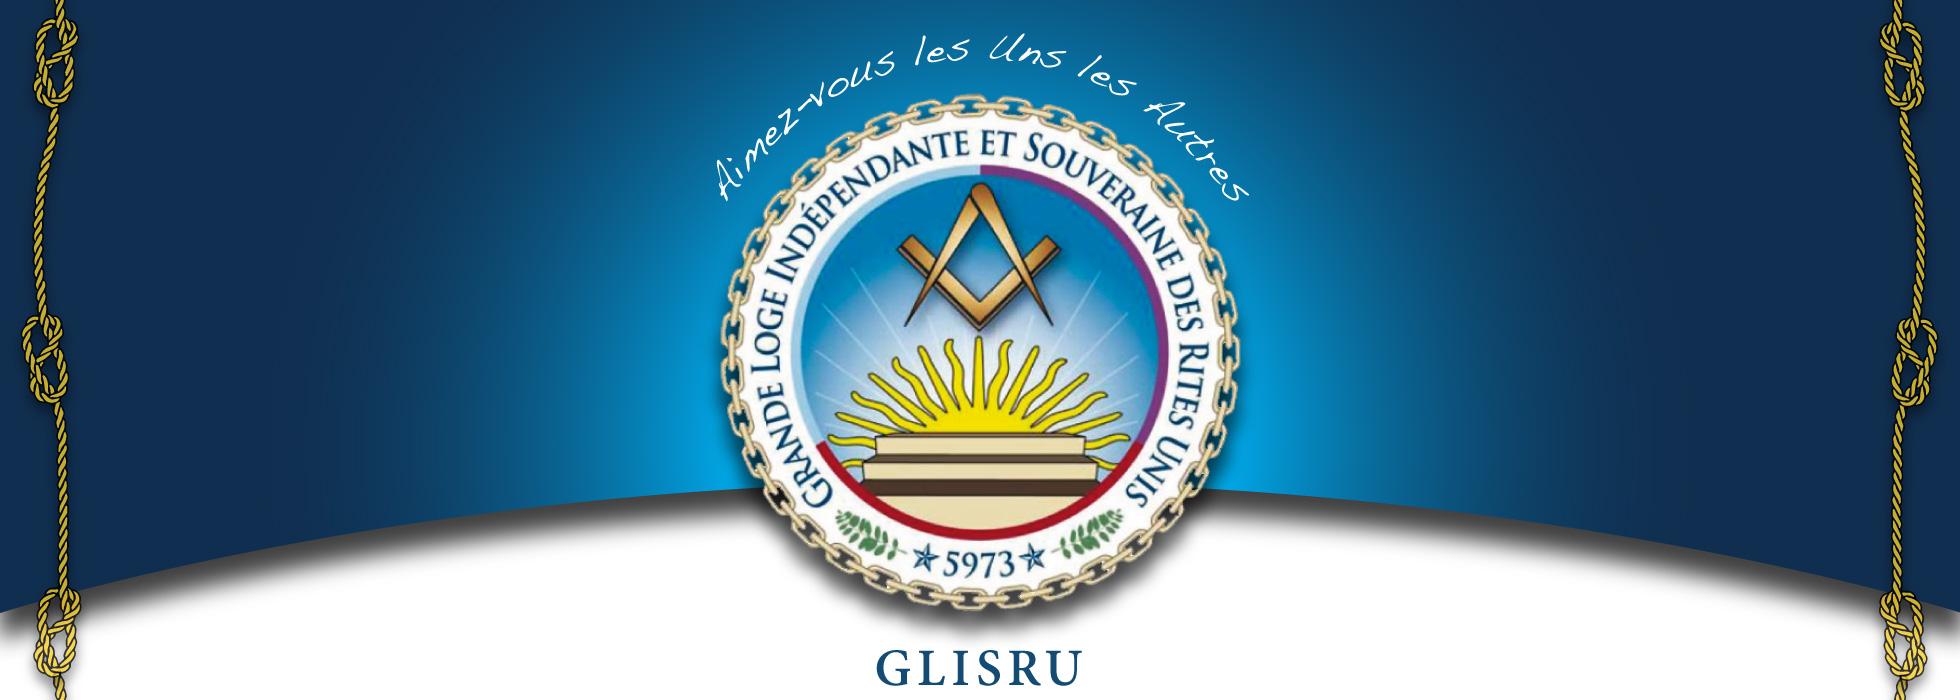 GLISRU